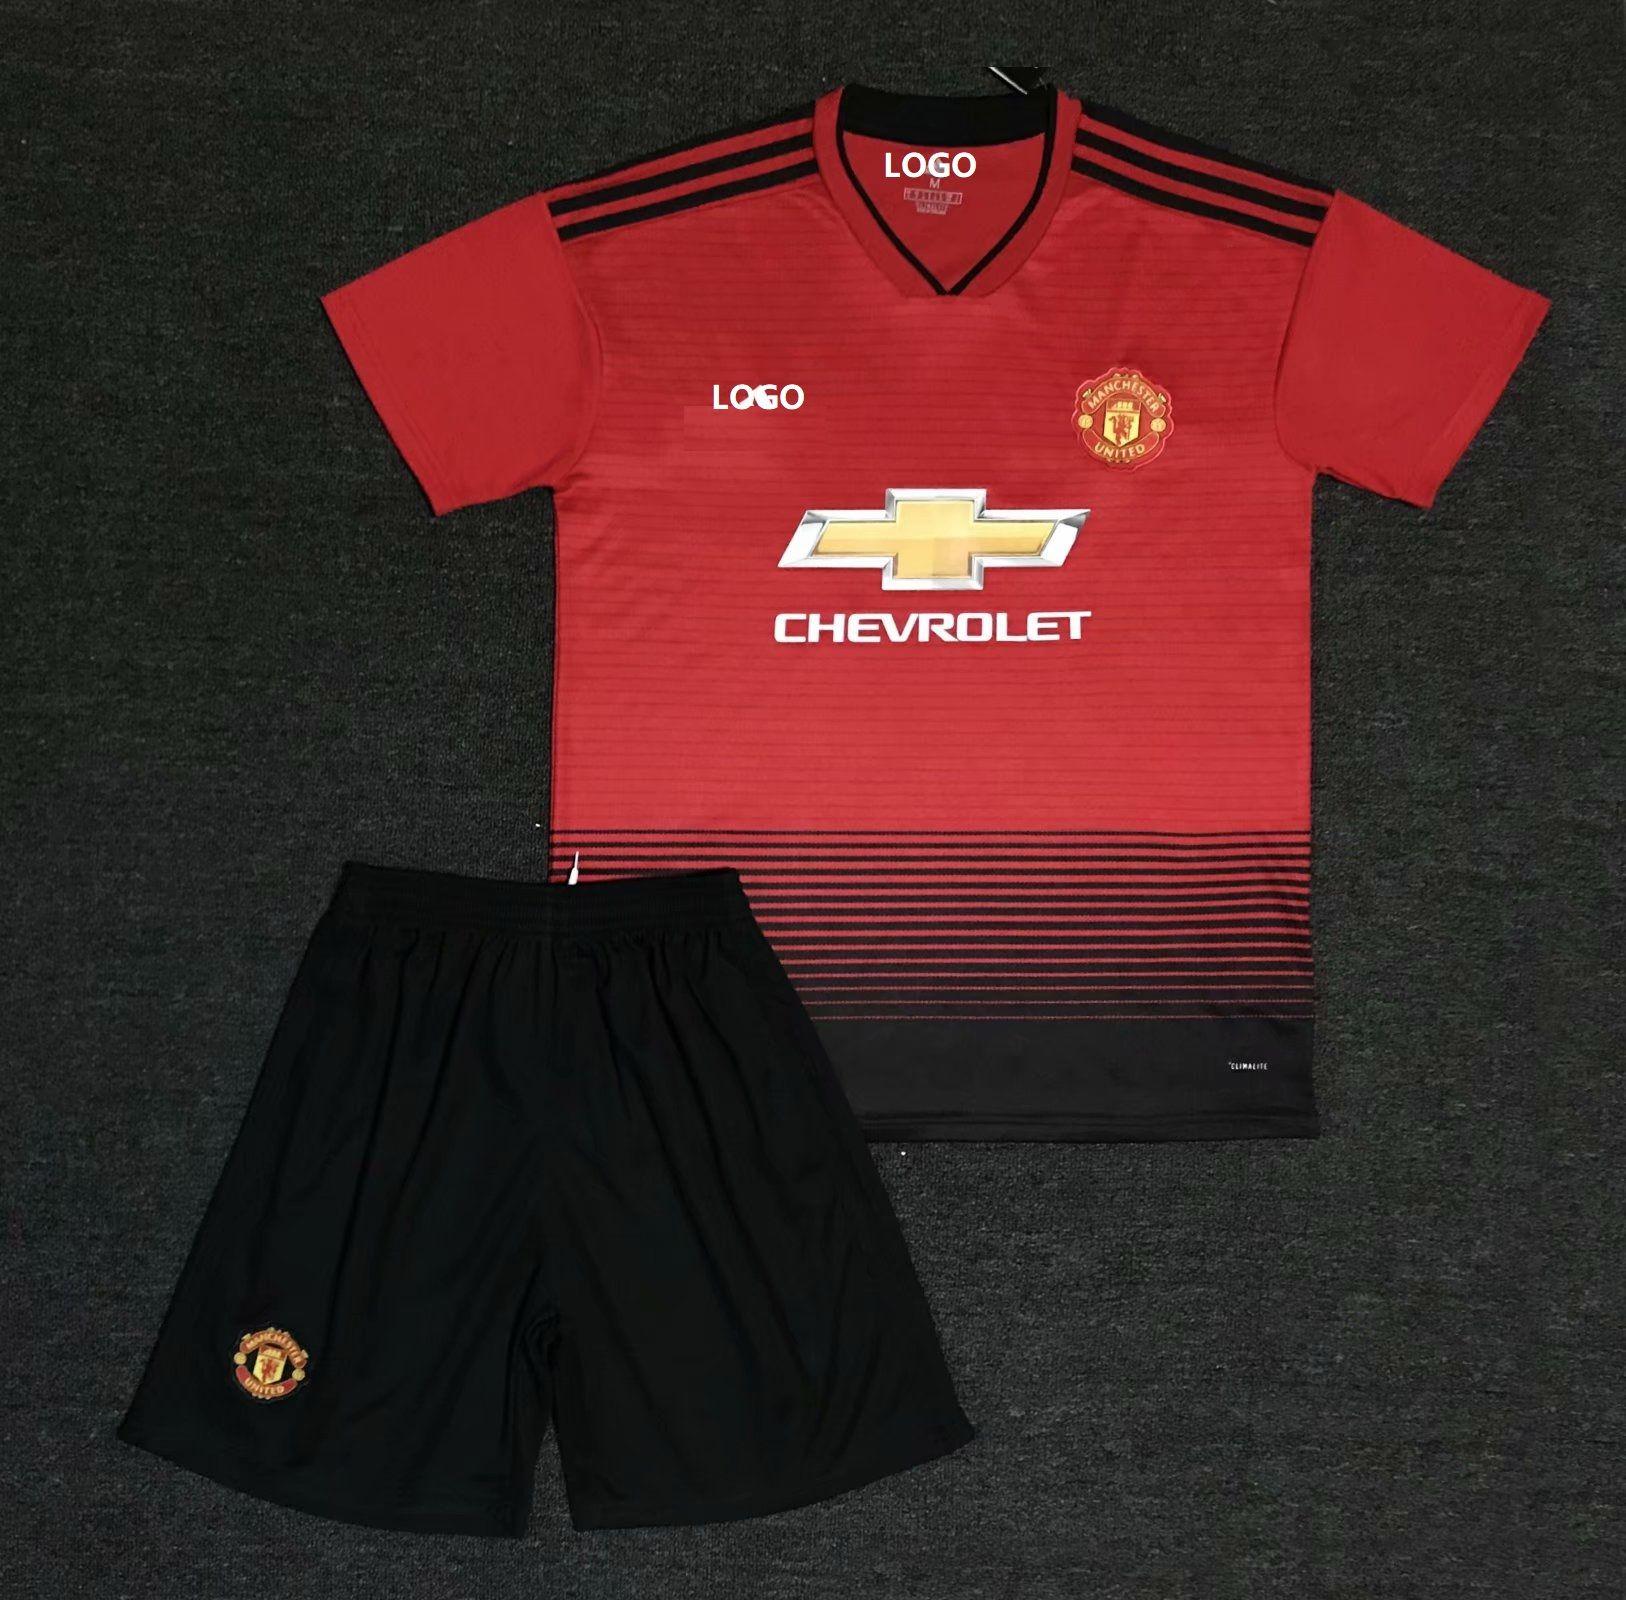 e46dda64d 18/19 Cheap Adult Manchester United Away Soccer Jersey Uniform Men Football  Jersey Kits | Soccer uniform